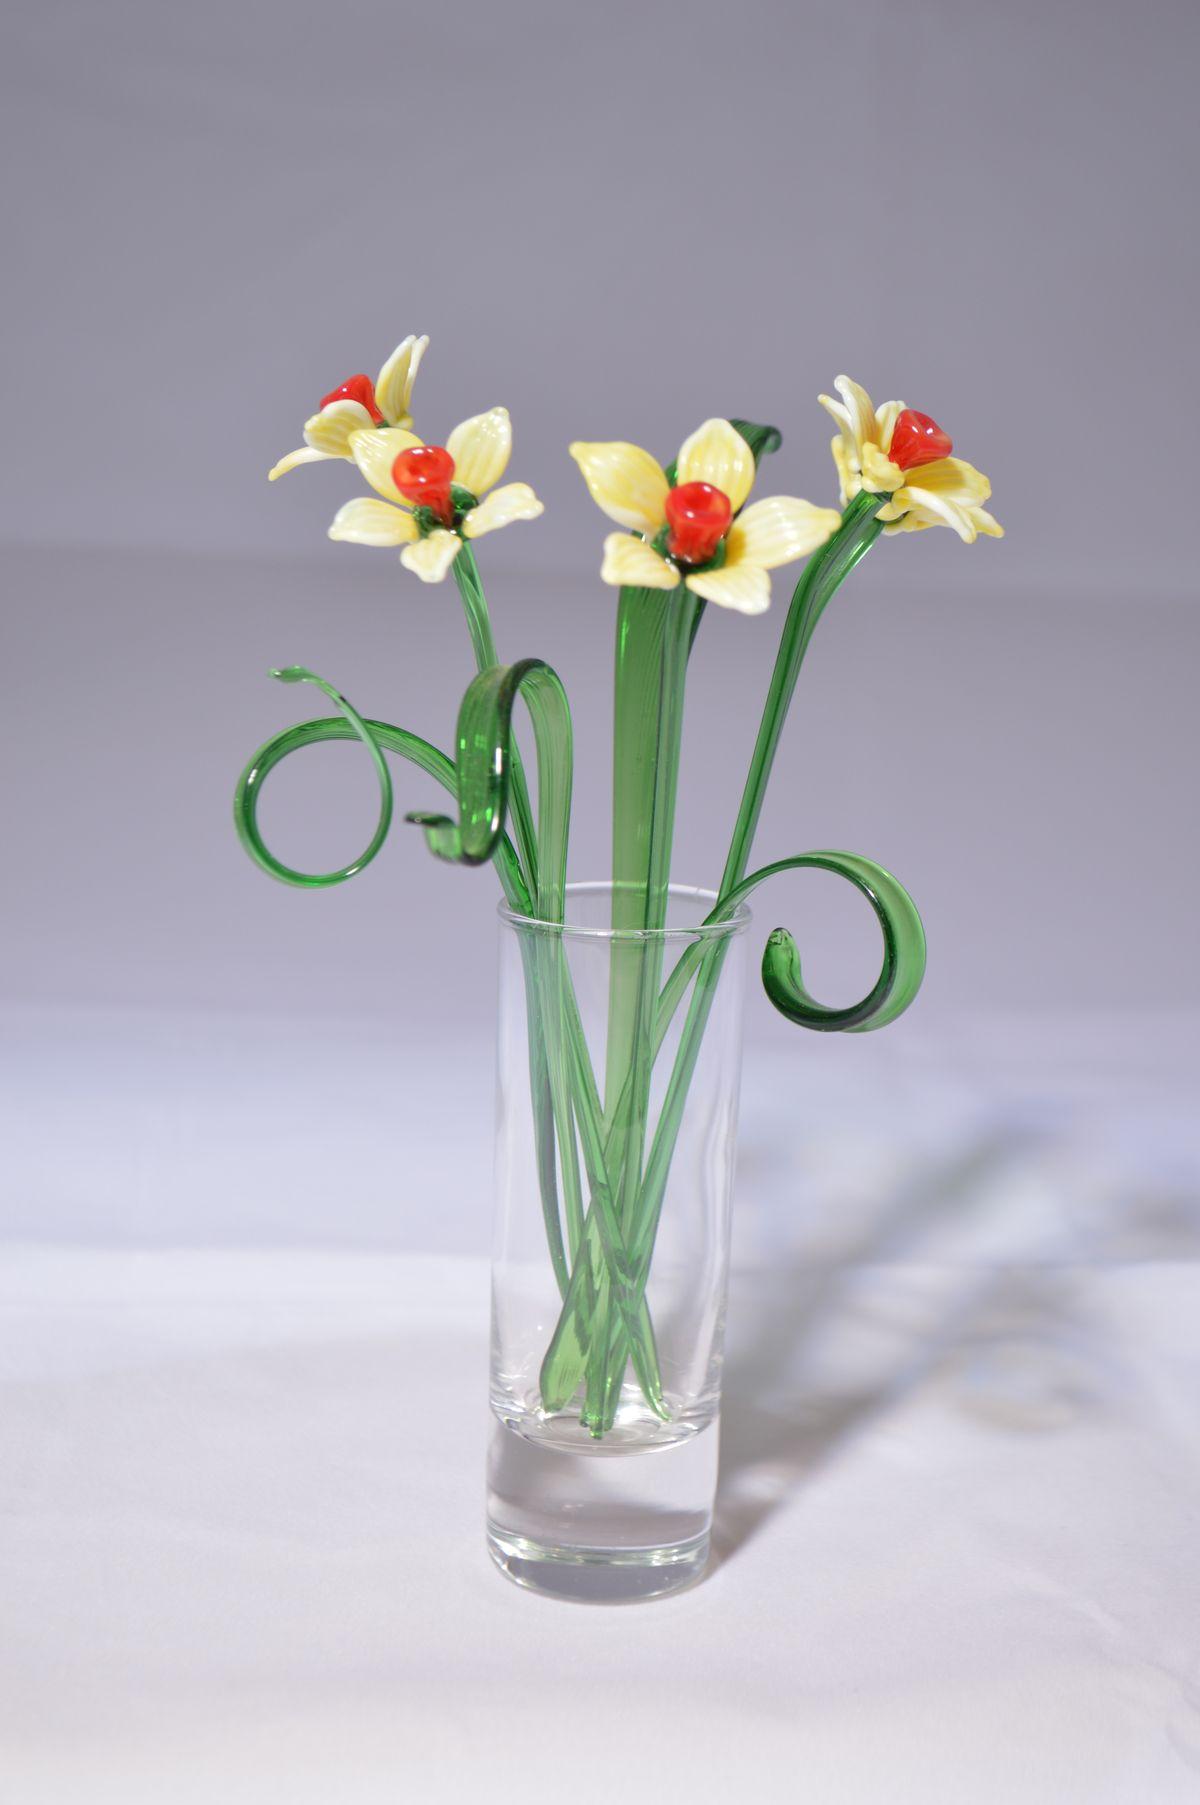 Букет из пяти нарциссов в вазочке, цветное стекло от Ravta